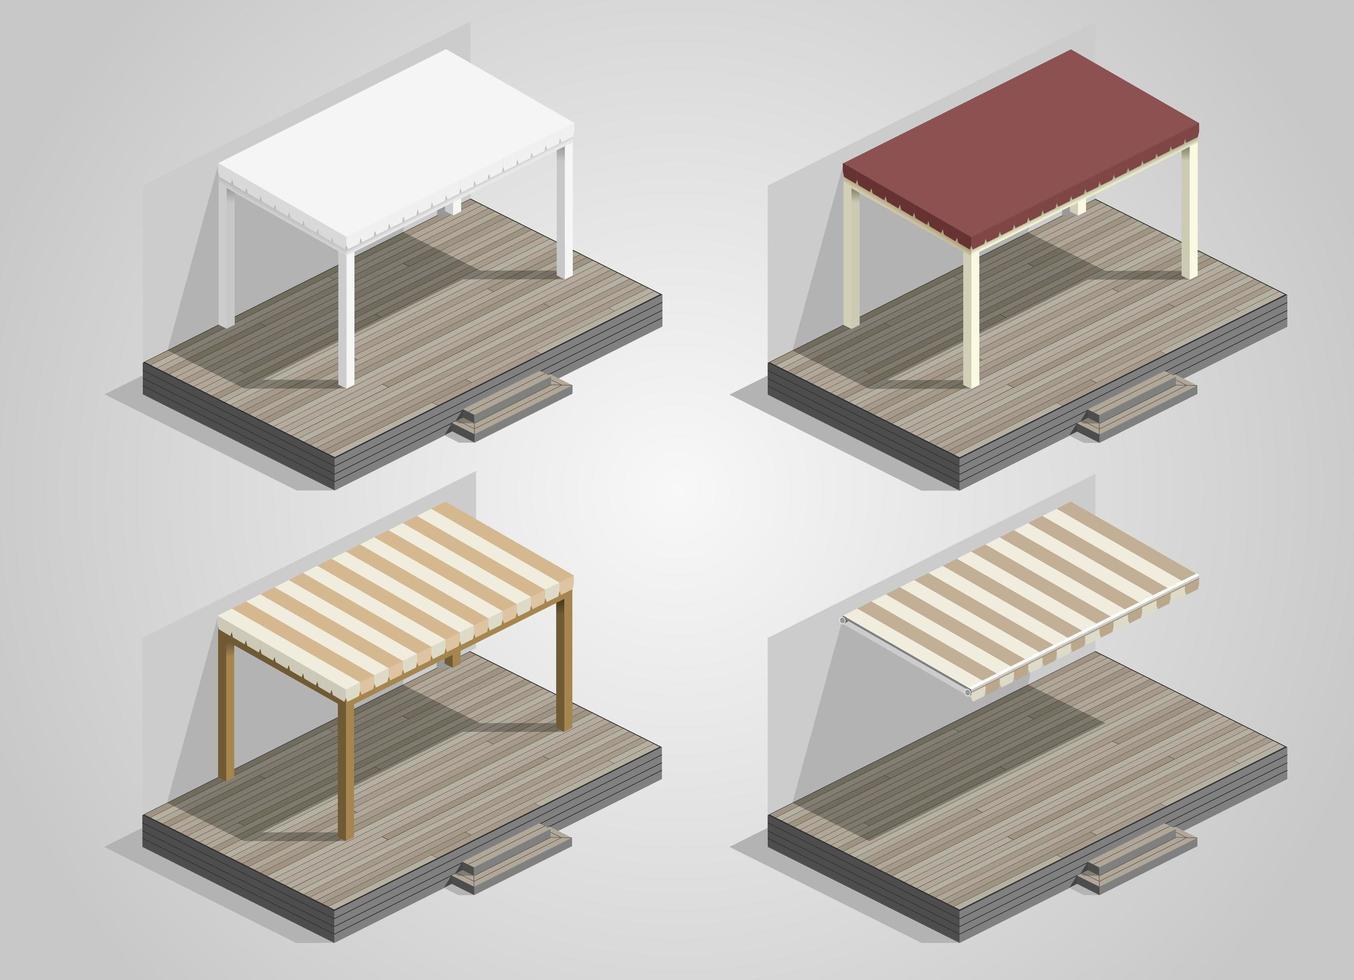 Satz von Vordächern und Markisen für eine Terrasse vektor